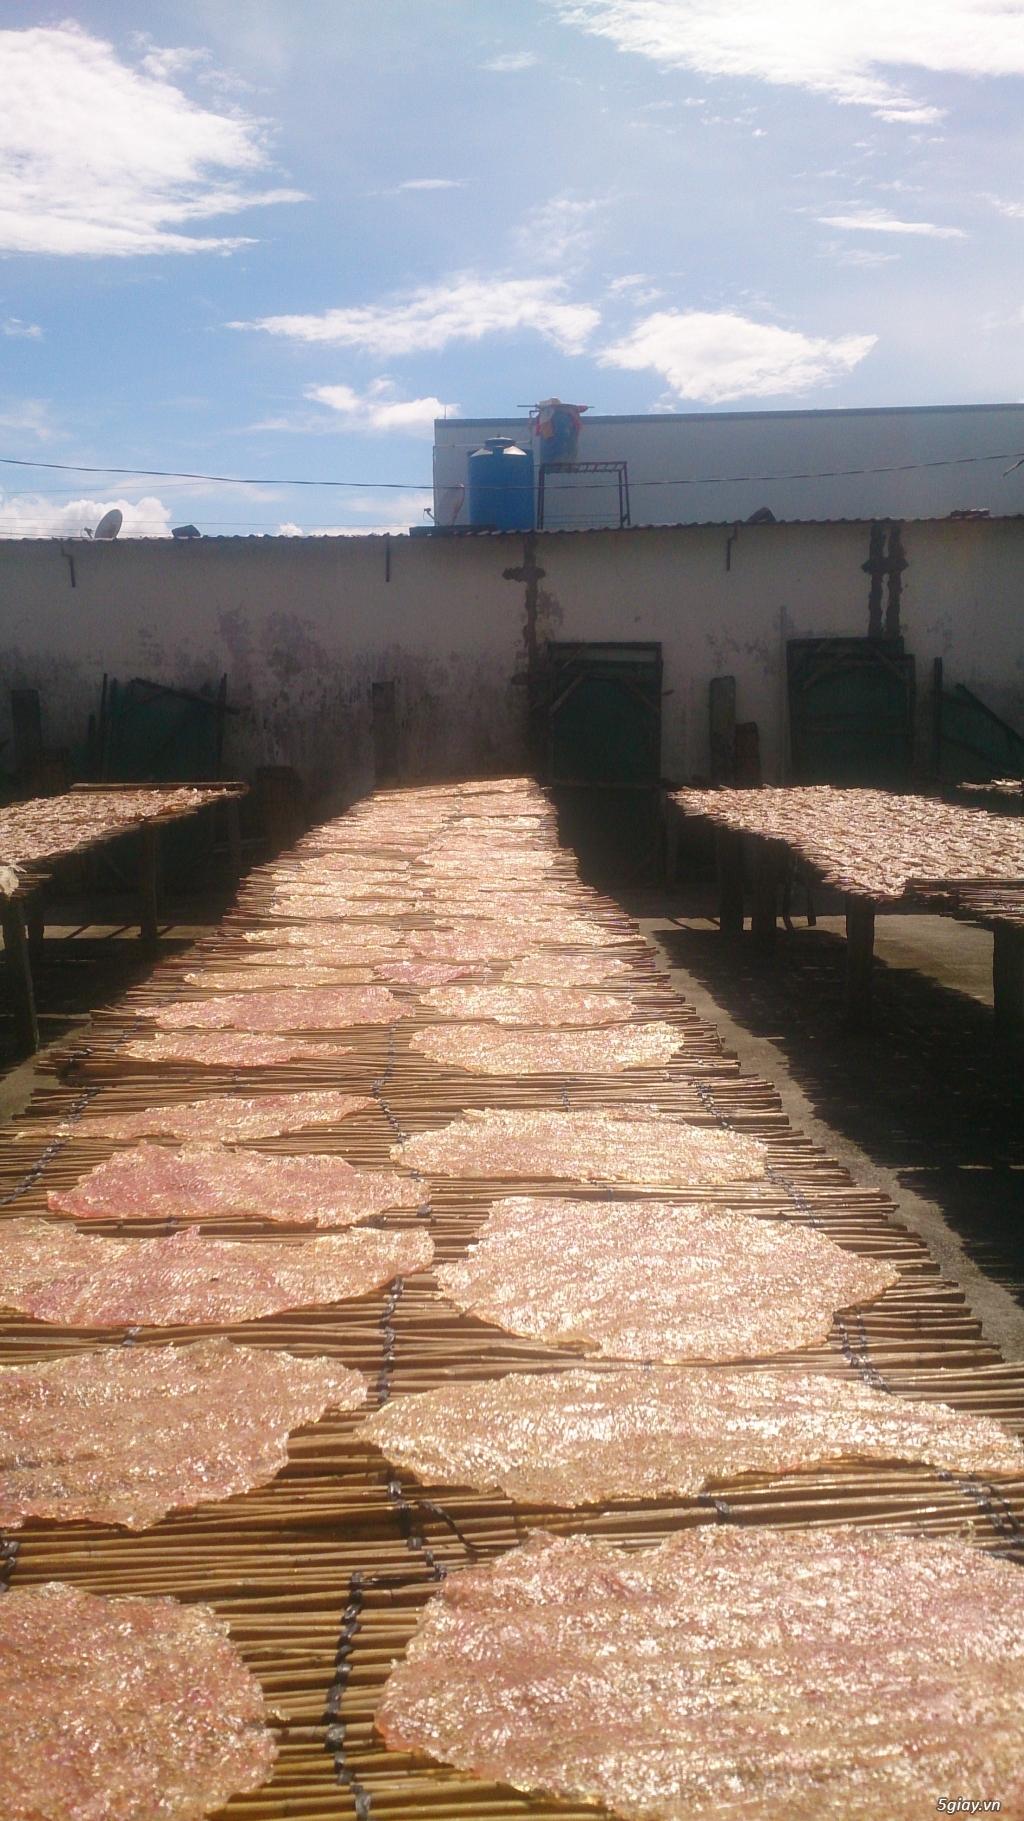 Tổng hợp đặc sản khô cá miền Tây sạch, ngon cho gia đình và đối tác - 12